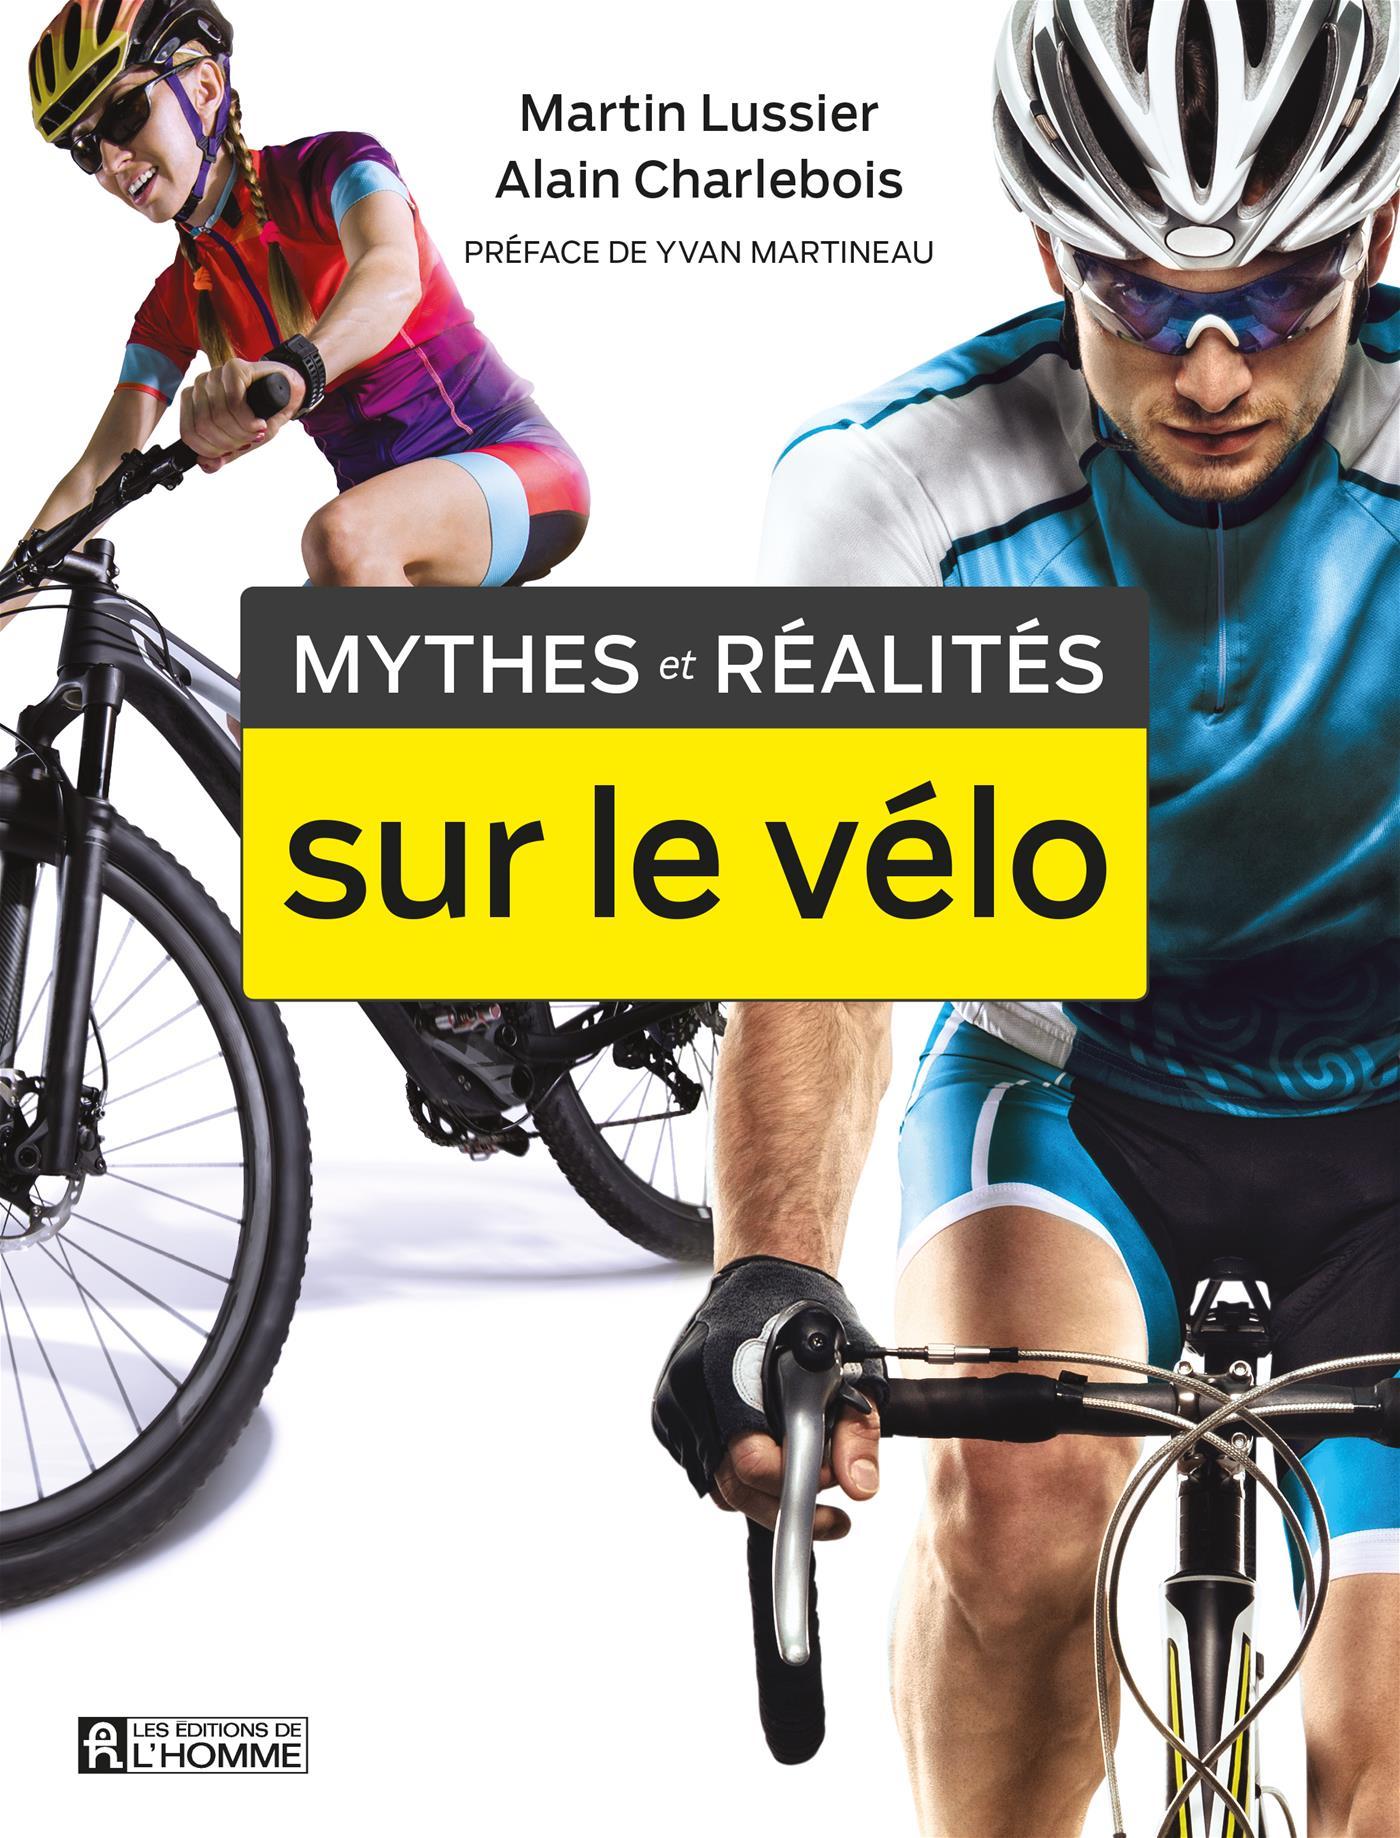 Mythes et réalités sur le vélo